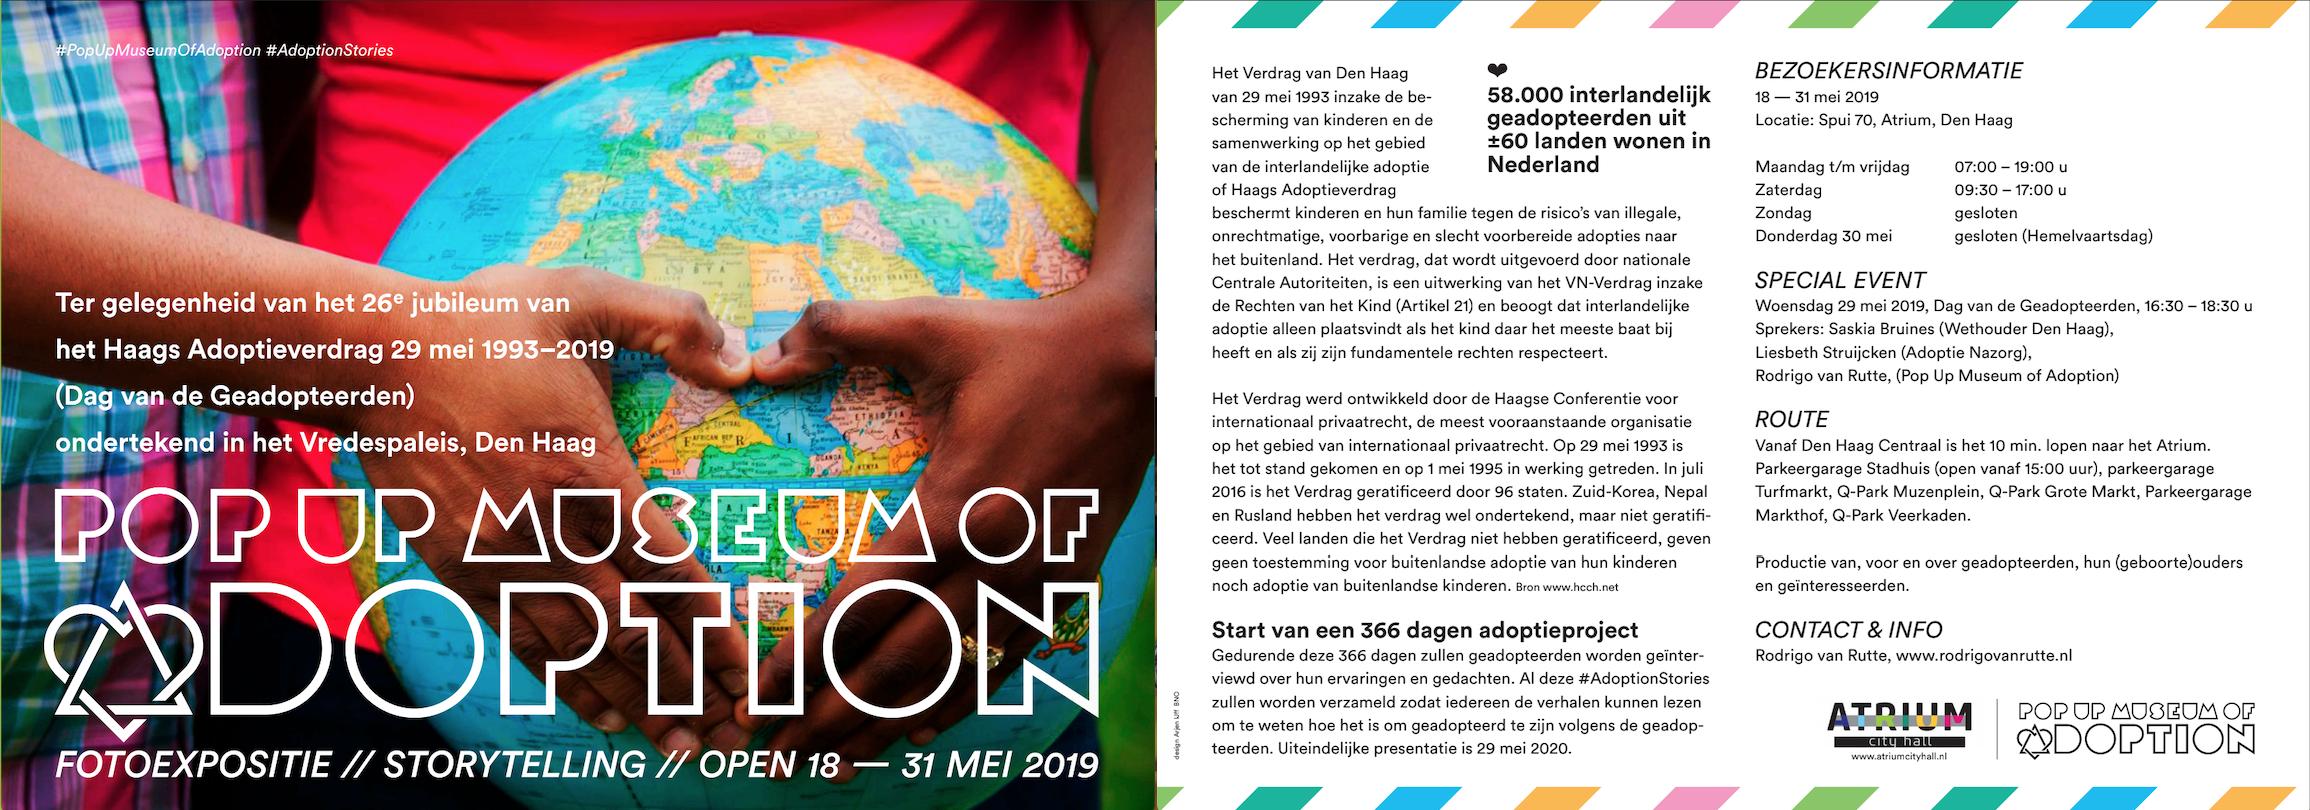 Tijdelijk Adoptiemuseum Den Haag van 18 t/m 31 mei 2019